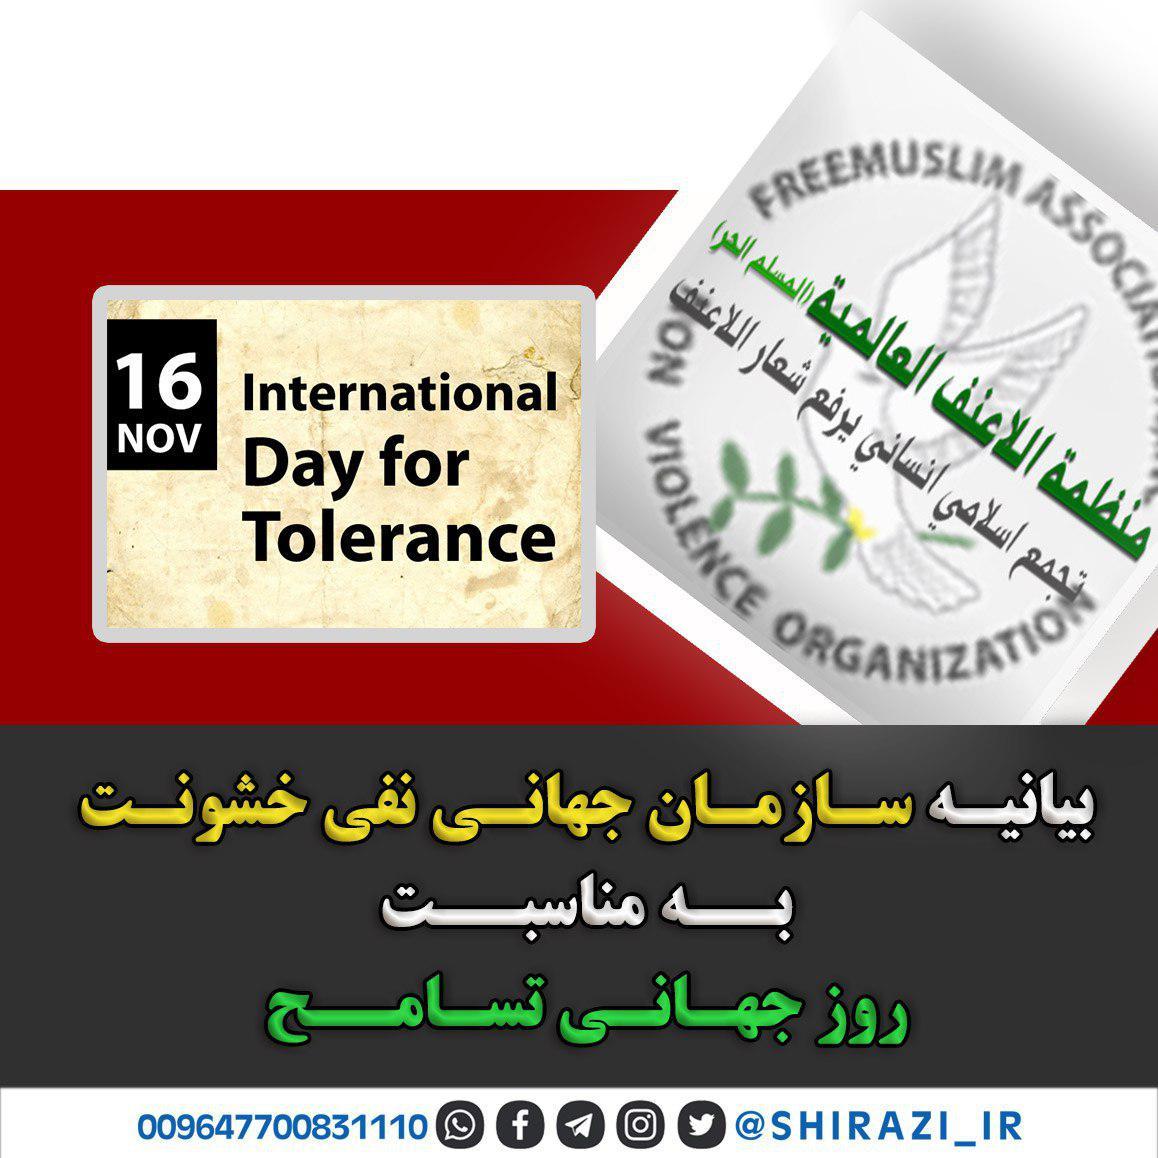 تصویر بیانیه سازمان جهانی نفی خشونت به مناسبت روز جهانی تسامح